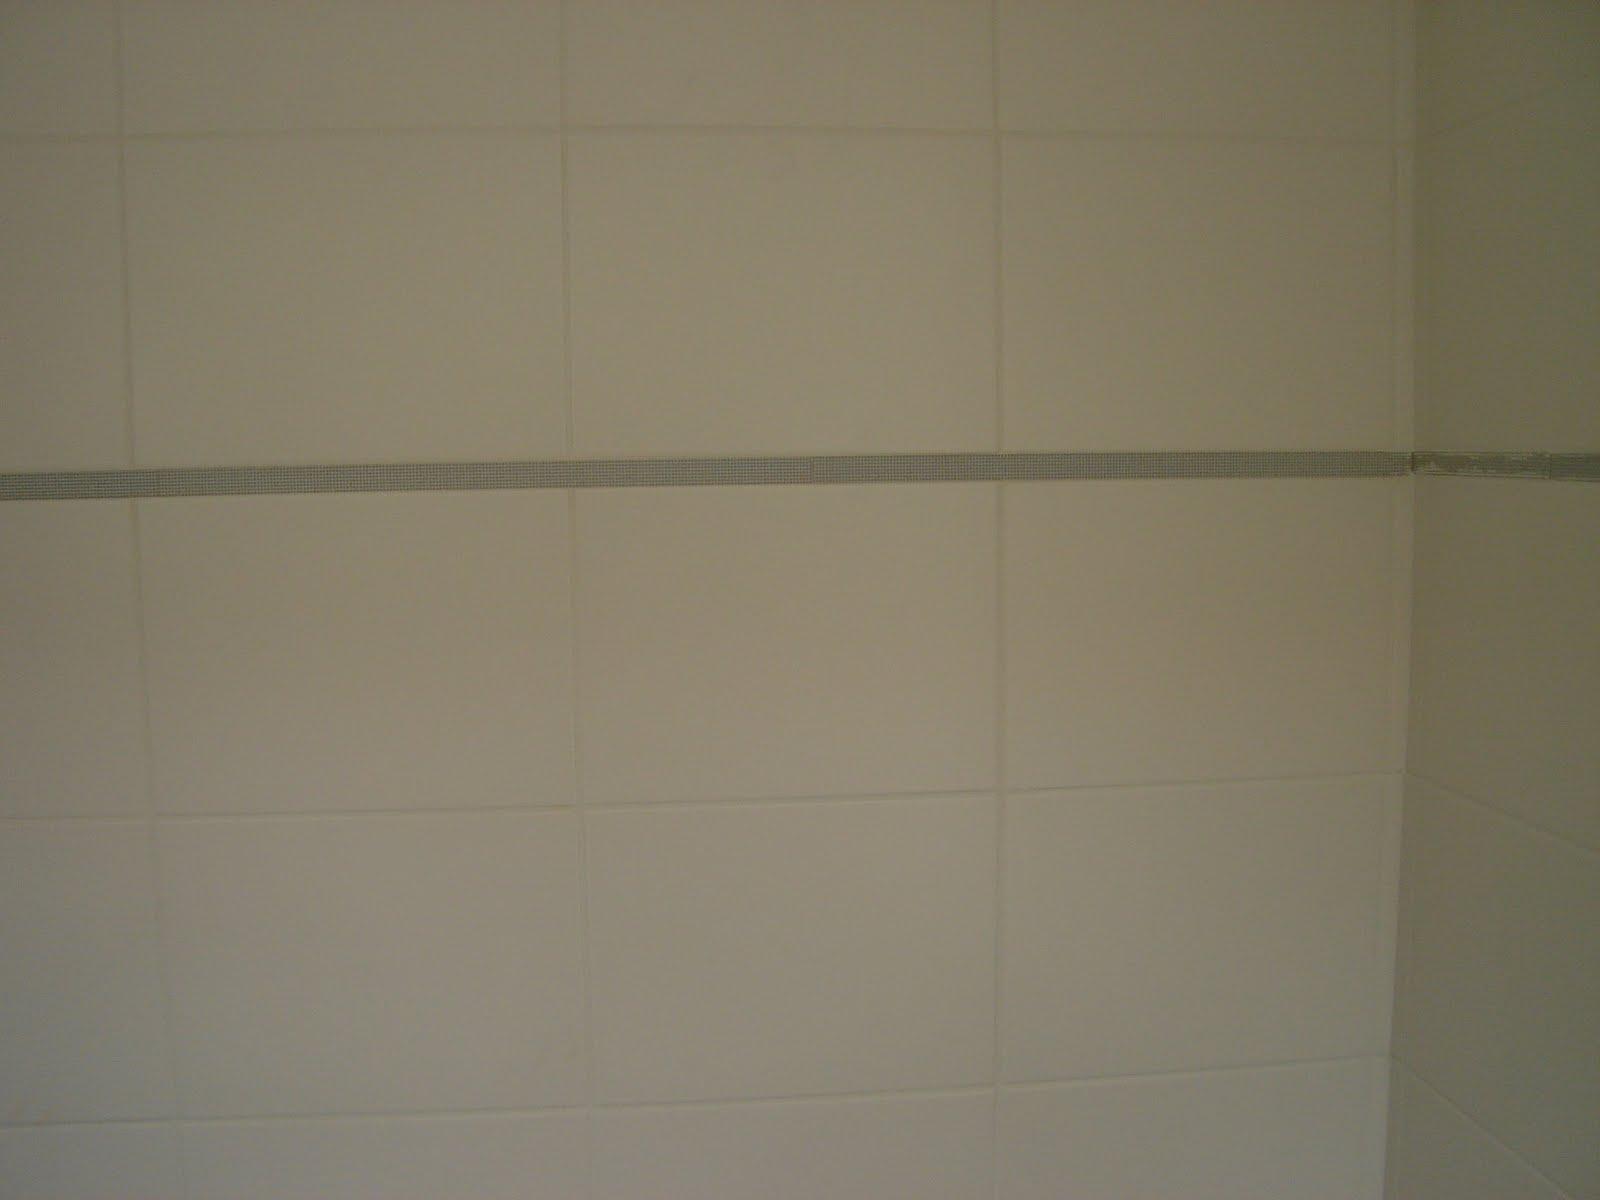 Foto do rejunte da área de serviço (tirada esta semana). O rejunte  #56523C 1600x1200 Banheiro Branco Com Rejunte Bege